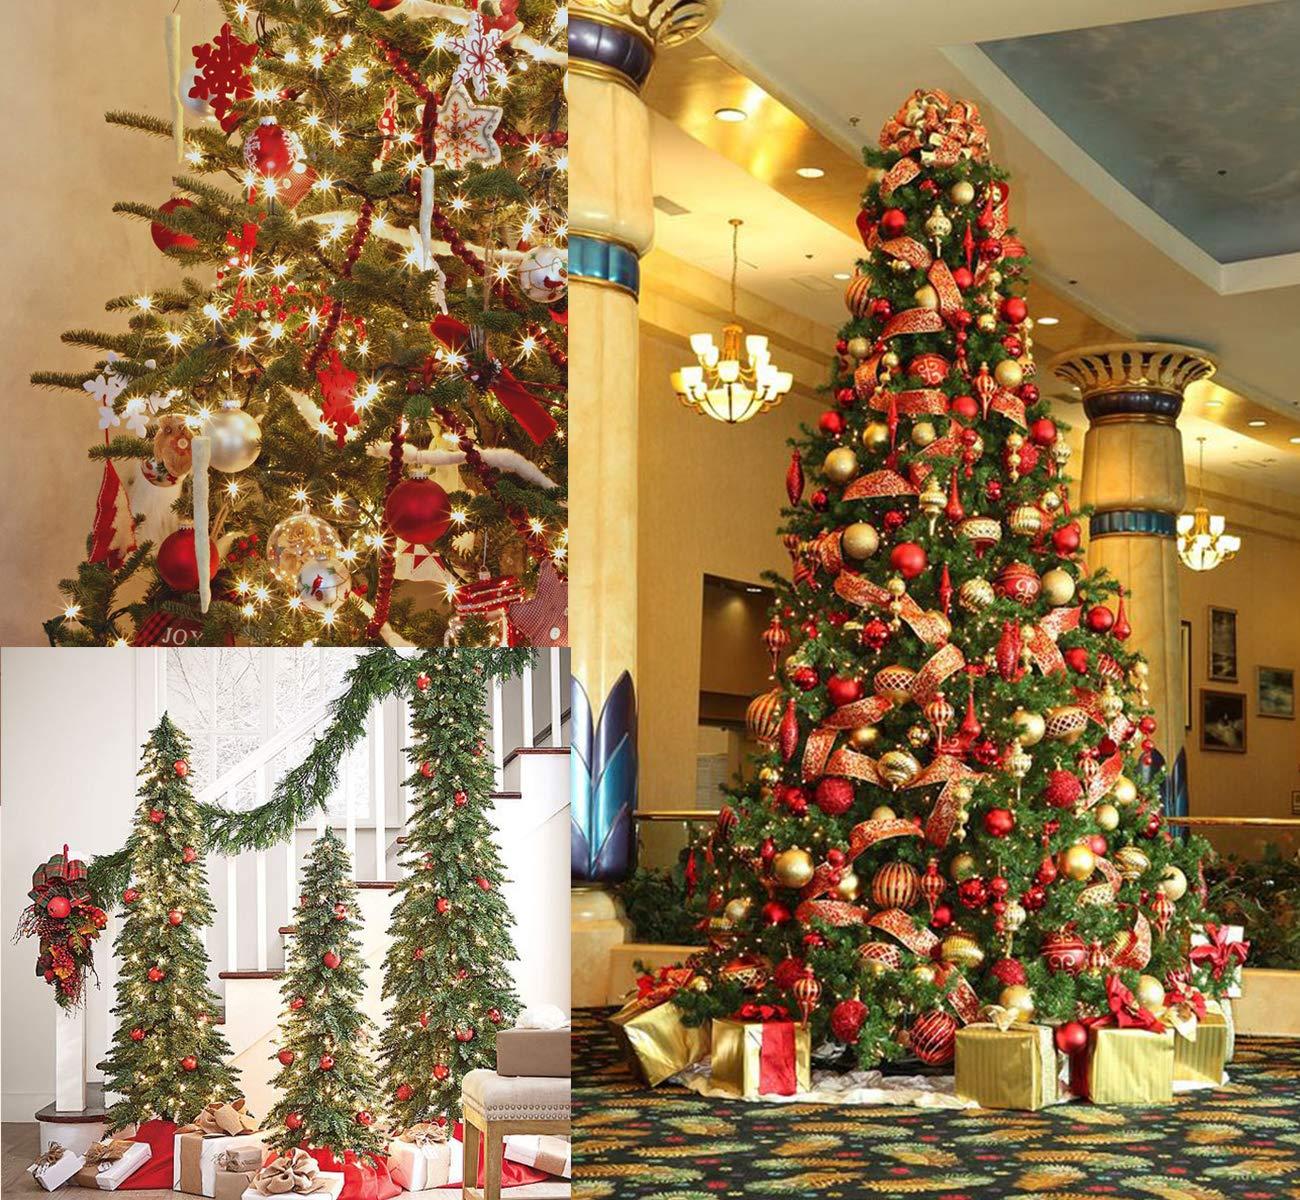 Scintillanti Lucide opache Decorazioni per Albero di Natale Fino a /Ø 6 cm DStech 100 Palline di Natale cangianti